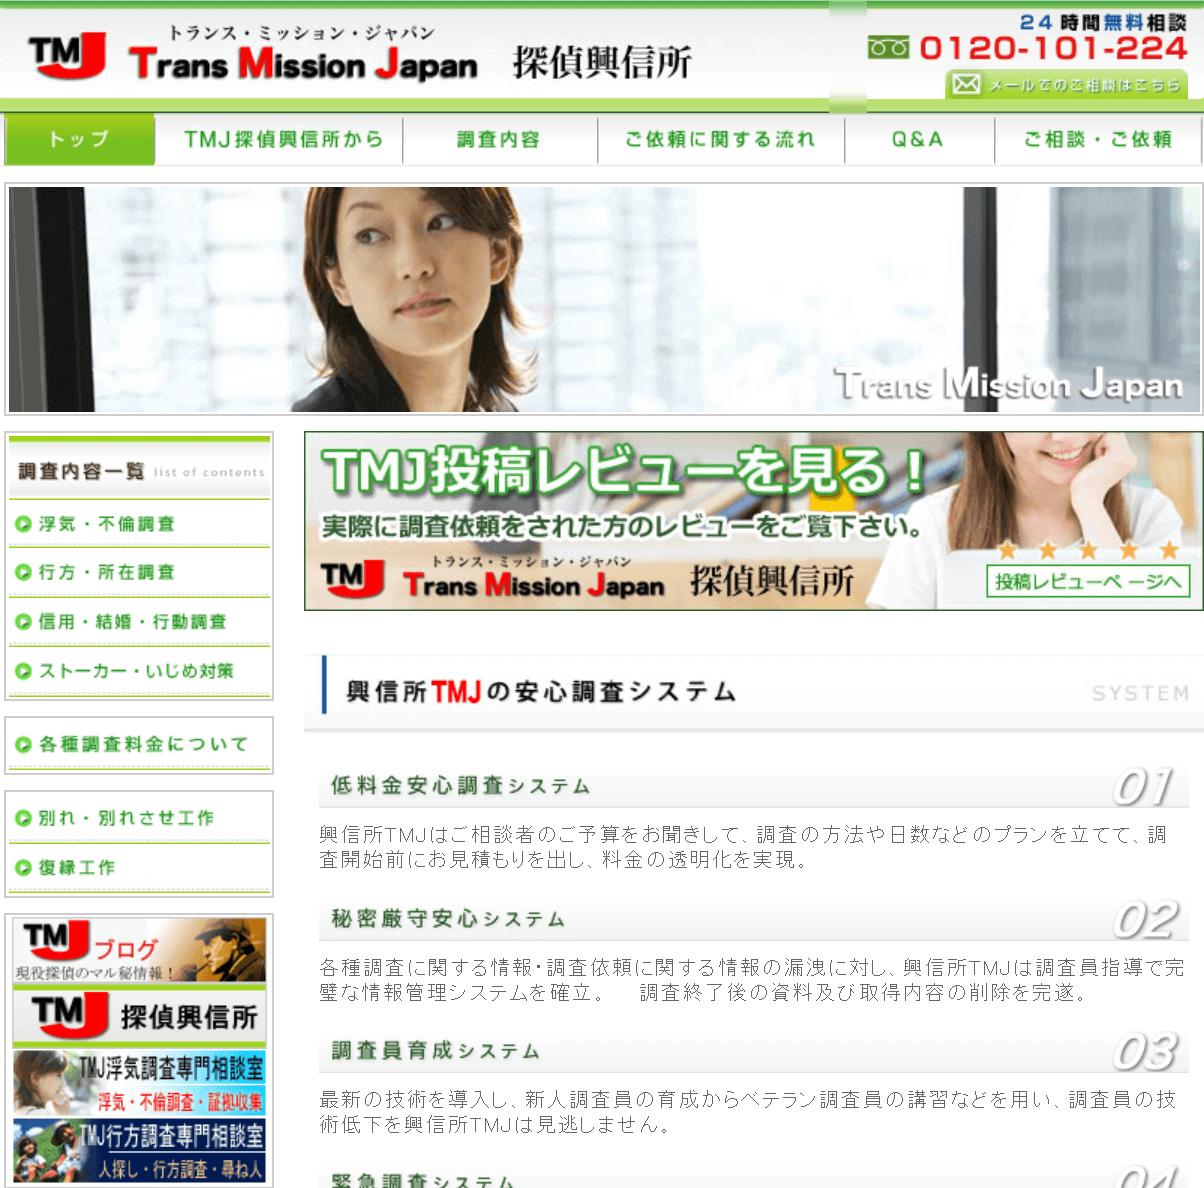 トランス・ミッション・ジャパン